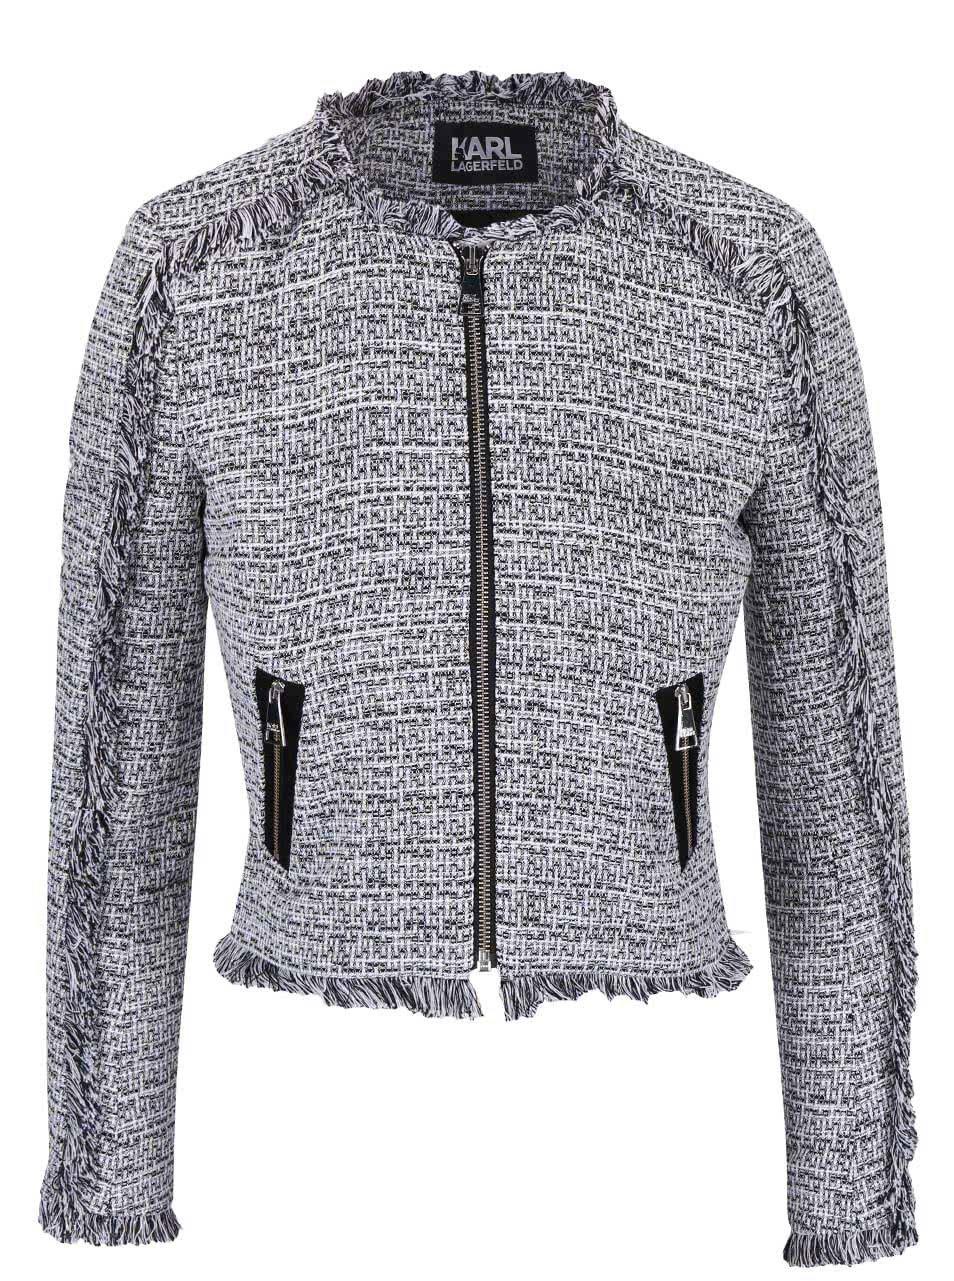 Černo-bílé krátké sako na zip KARL LAGERFELD